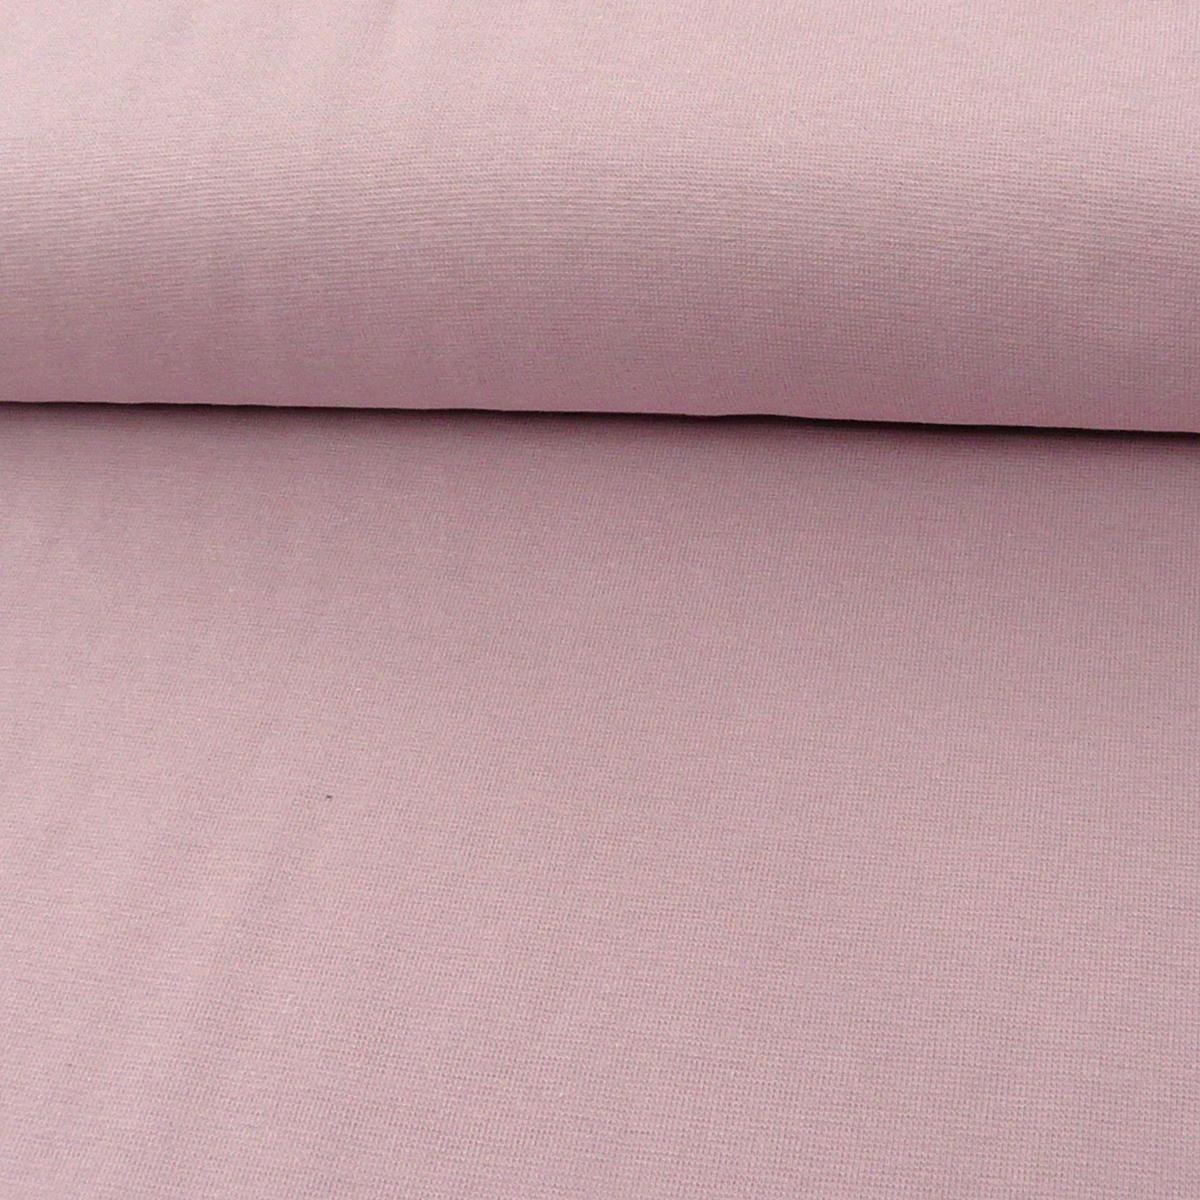 Kreativstoff Strickschlauch Bündchenstoff fein altrosa 37cm Breite